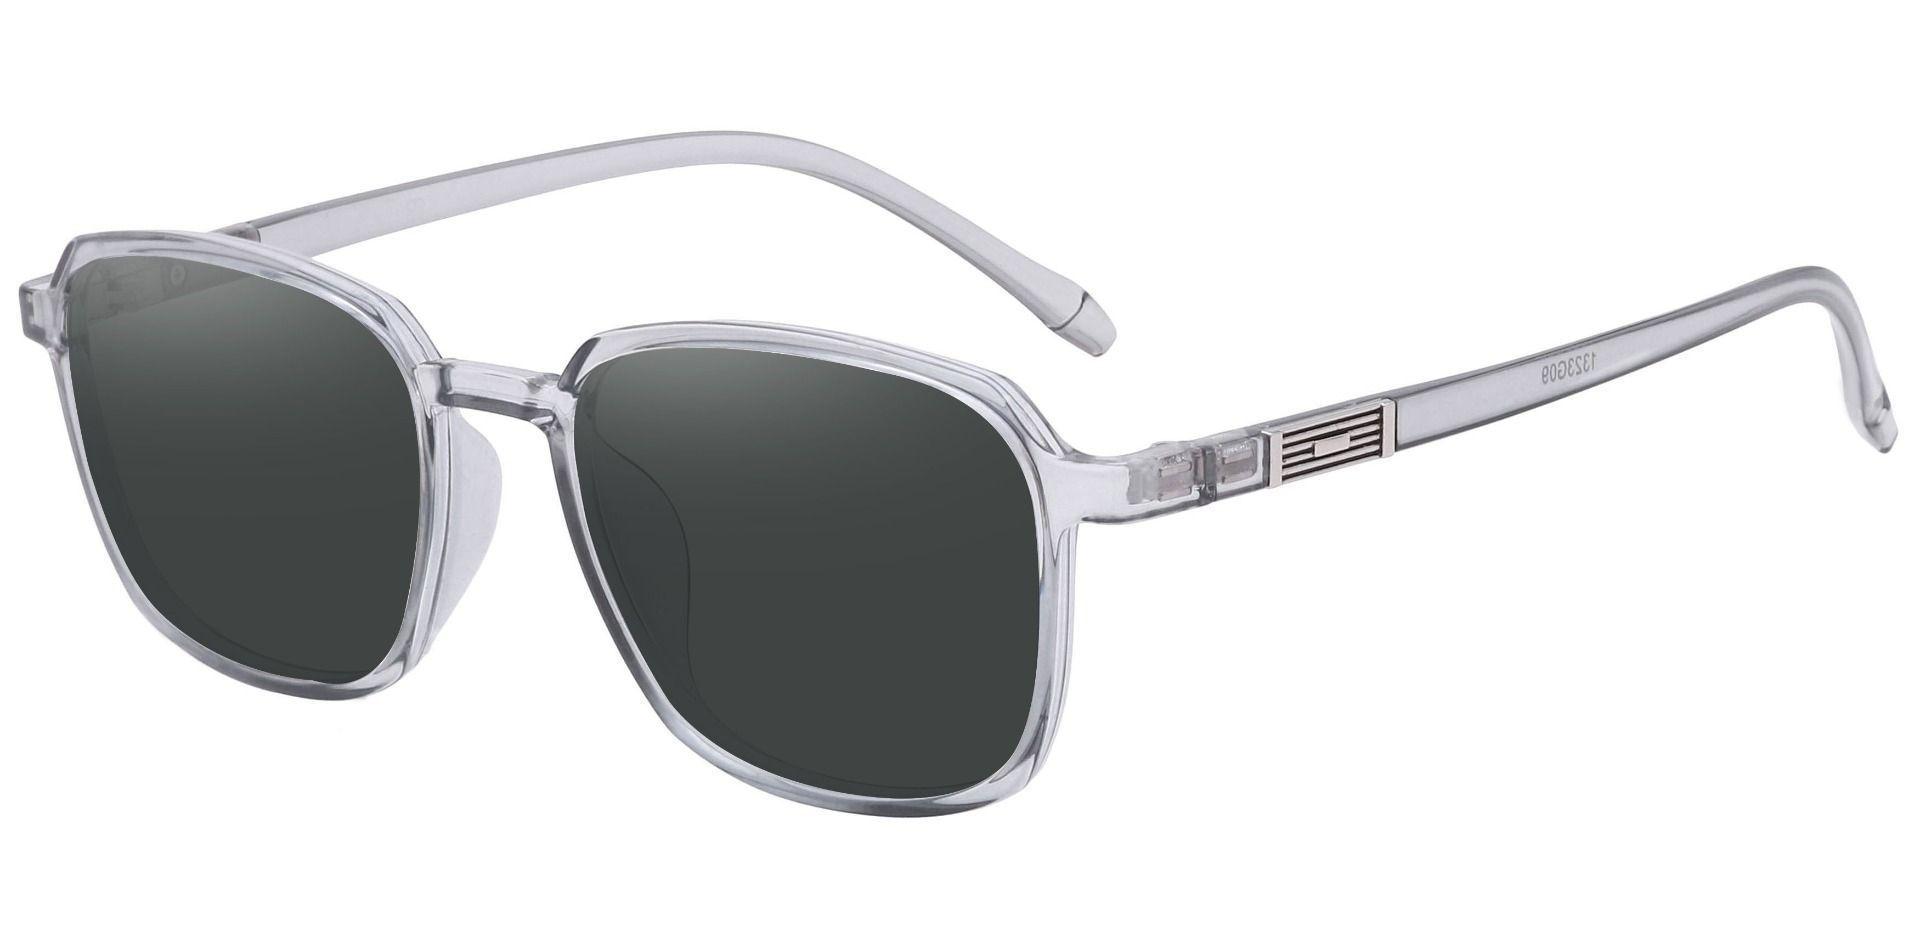 Stella Square Prescription Sunglasses - Gray Frame With Gray Lenses